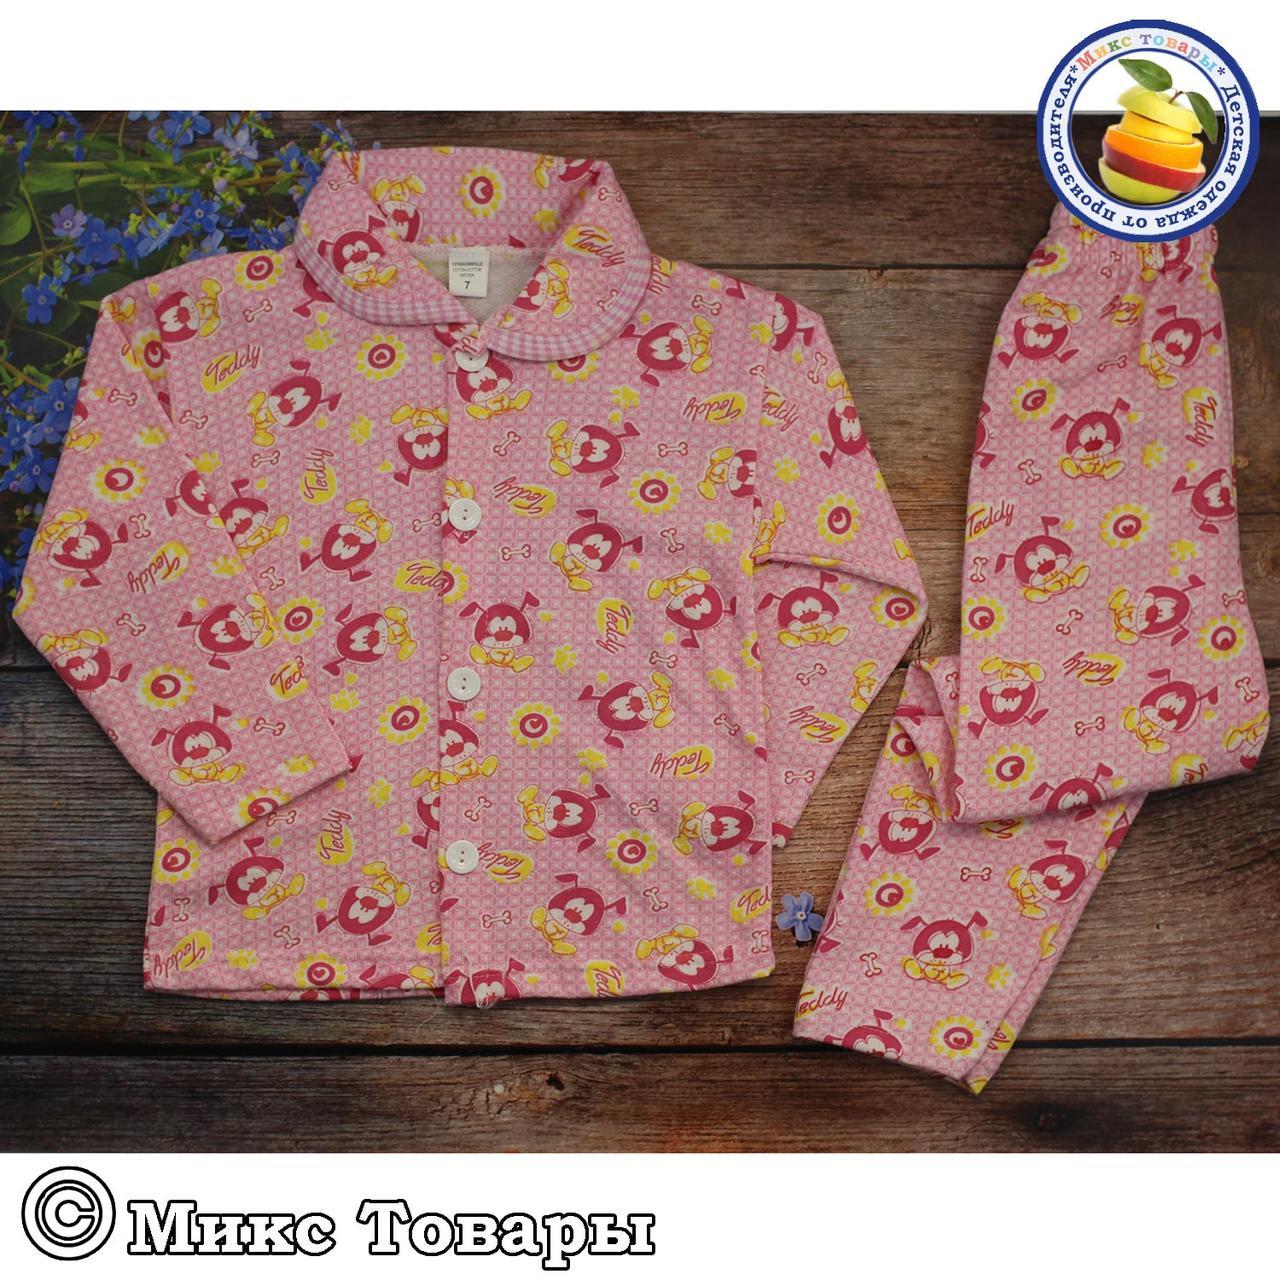 2a12d82b7161 Купить Детские байковые пижамы Размеры: 4-5-6 лет (5721-3) оптом ...